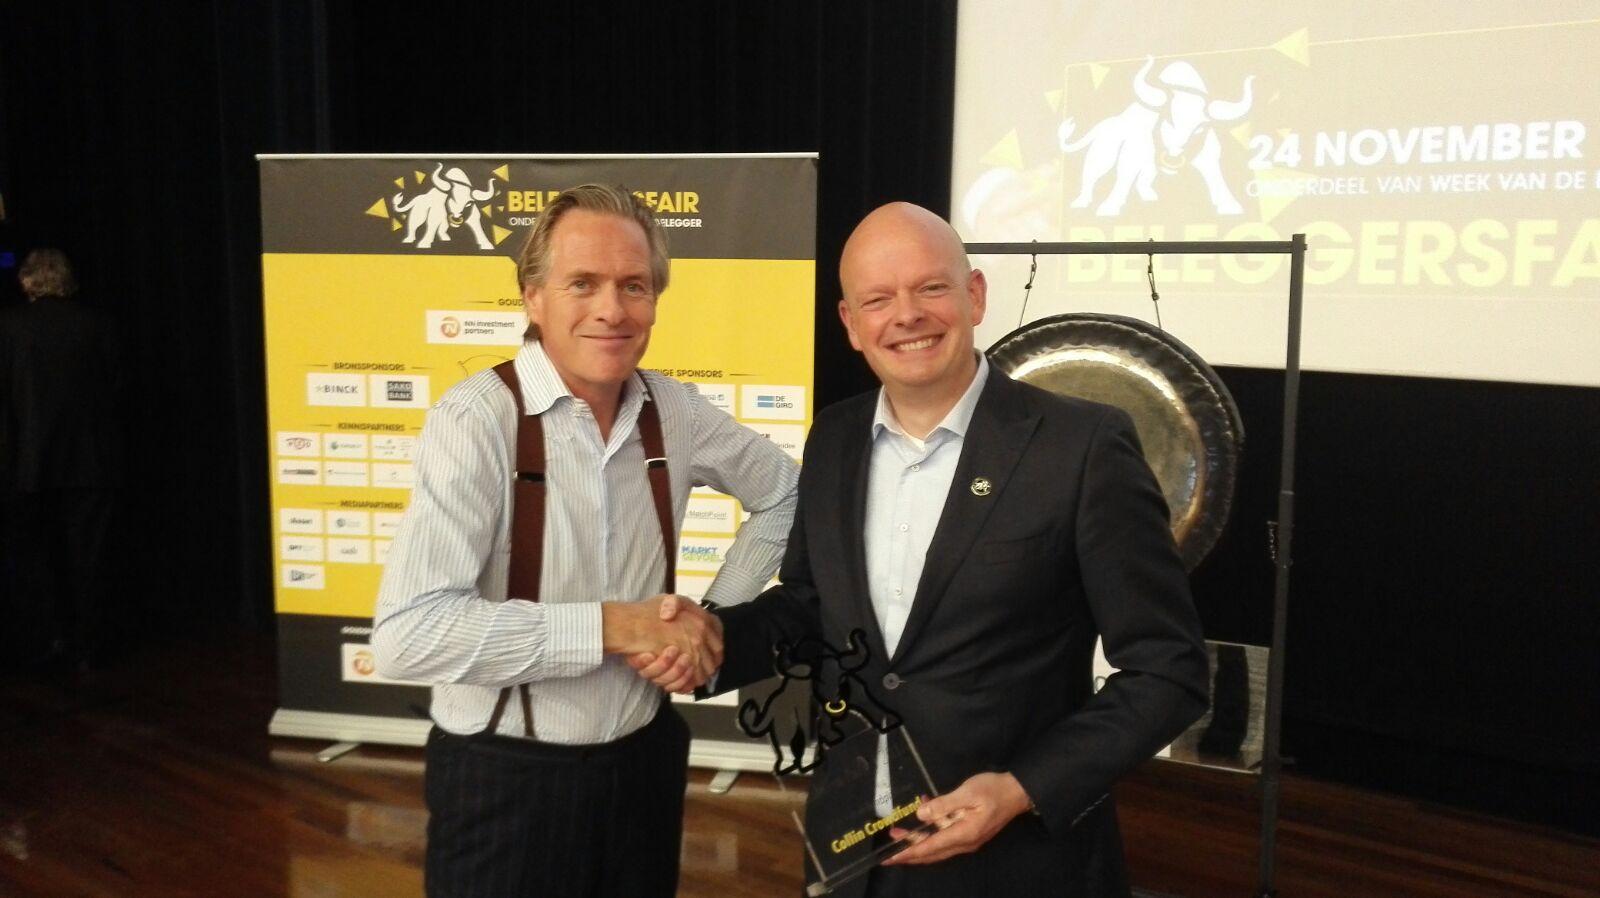 Jort Kelder reikt Cashcow award uit aan Jan-Willem Onink